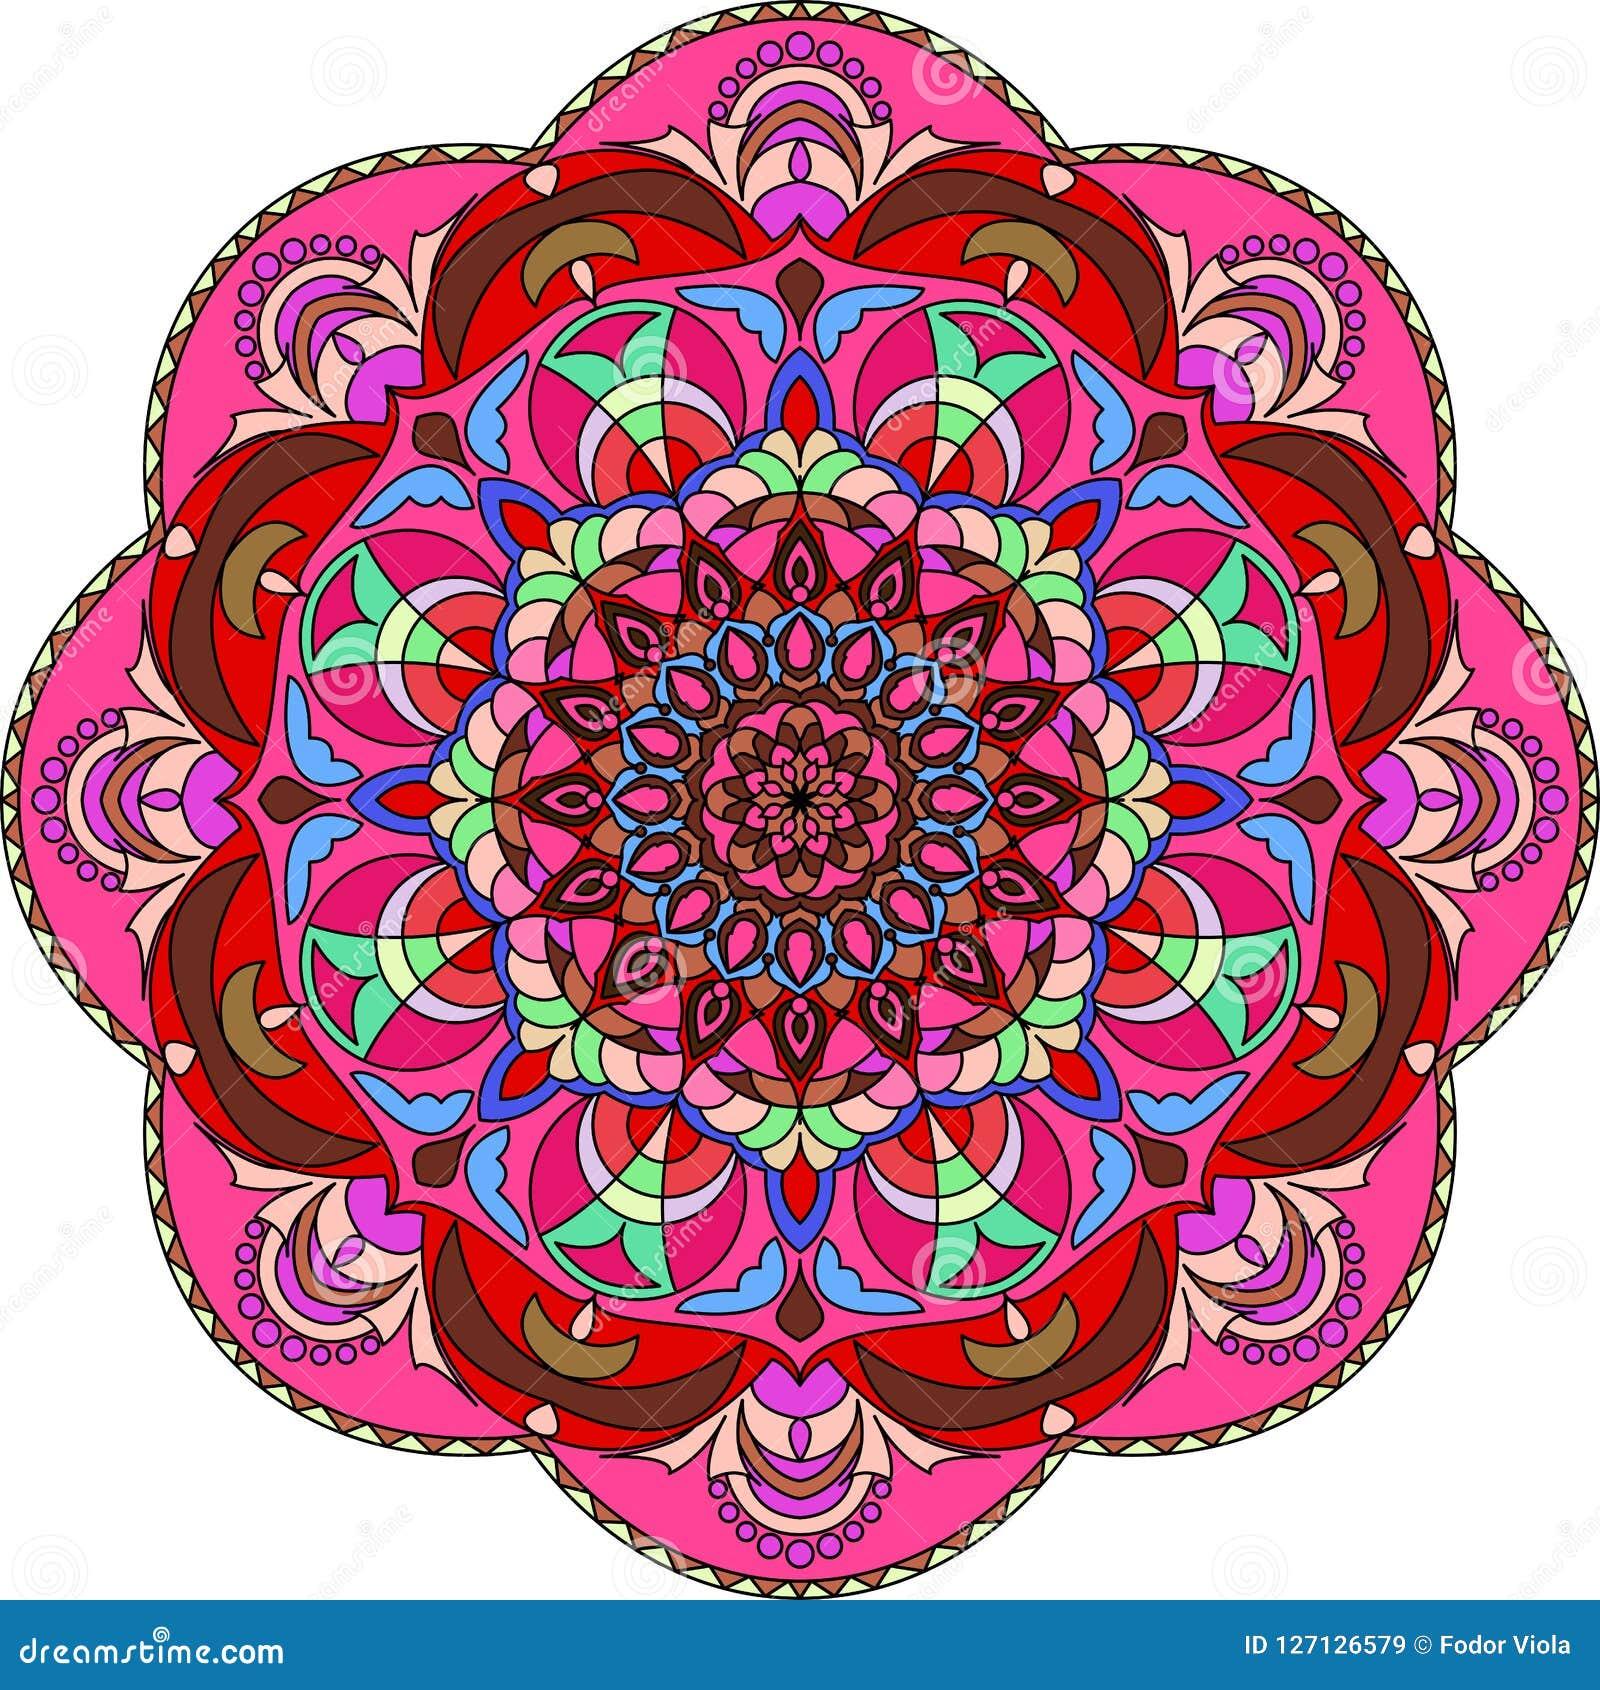 彩图的五颜六色的坛场 装饰圆的装饰品